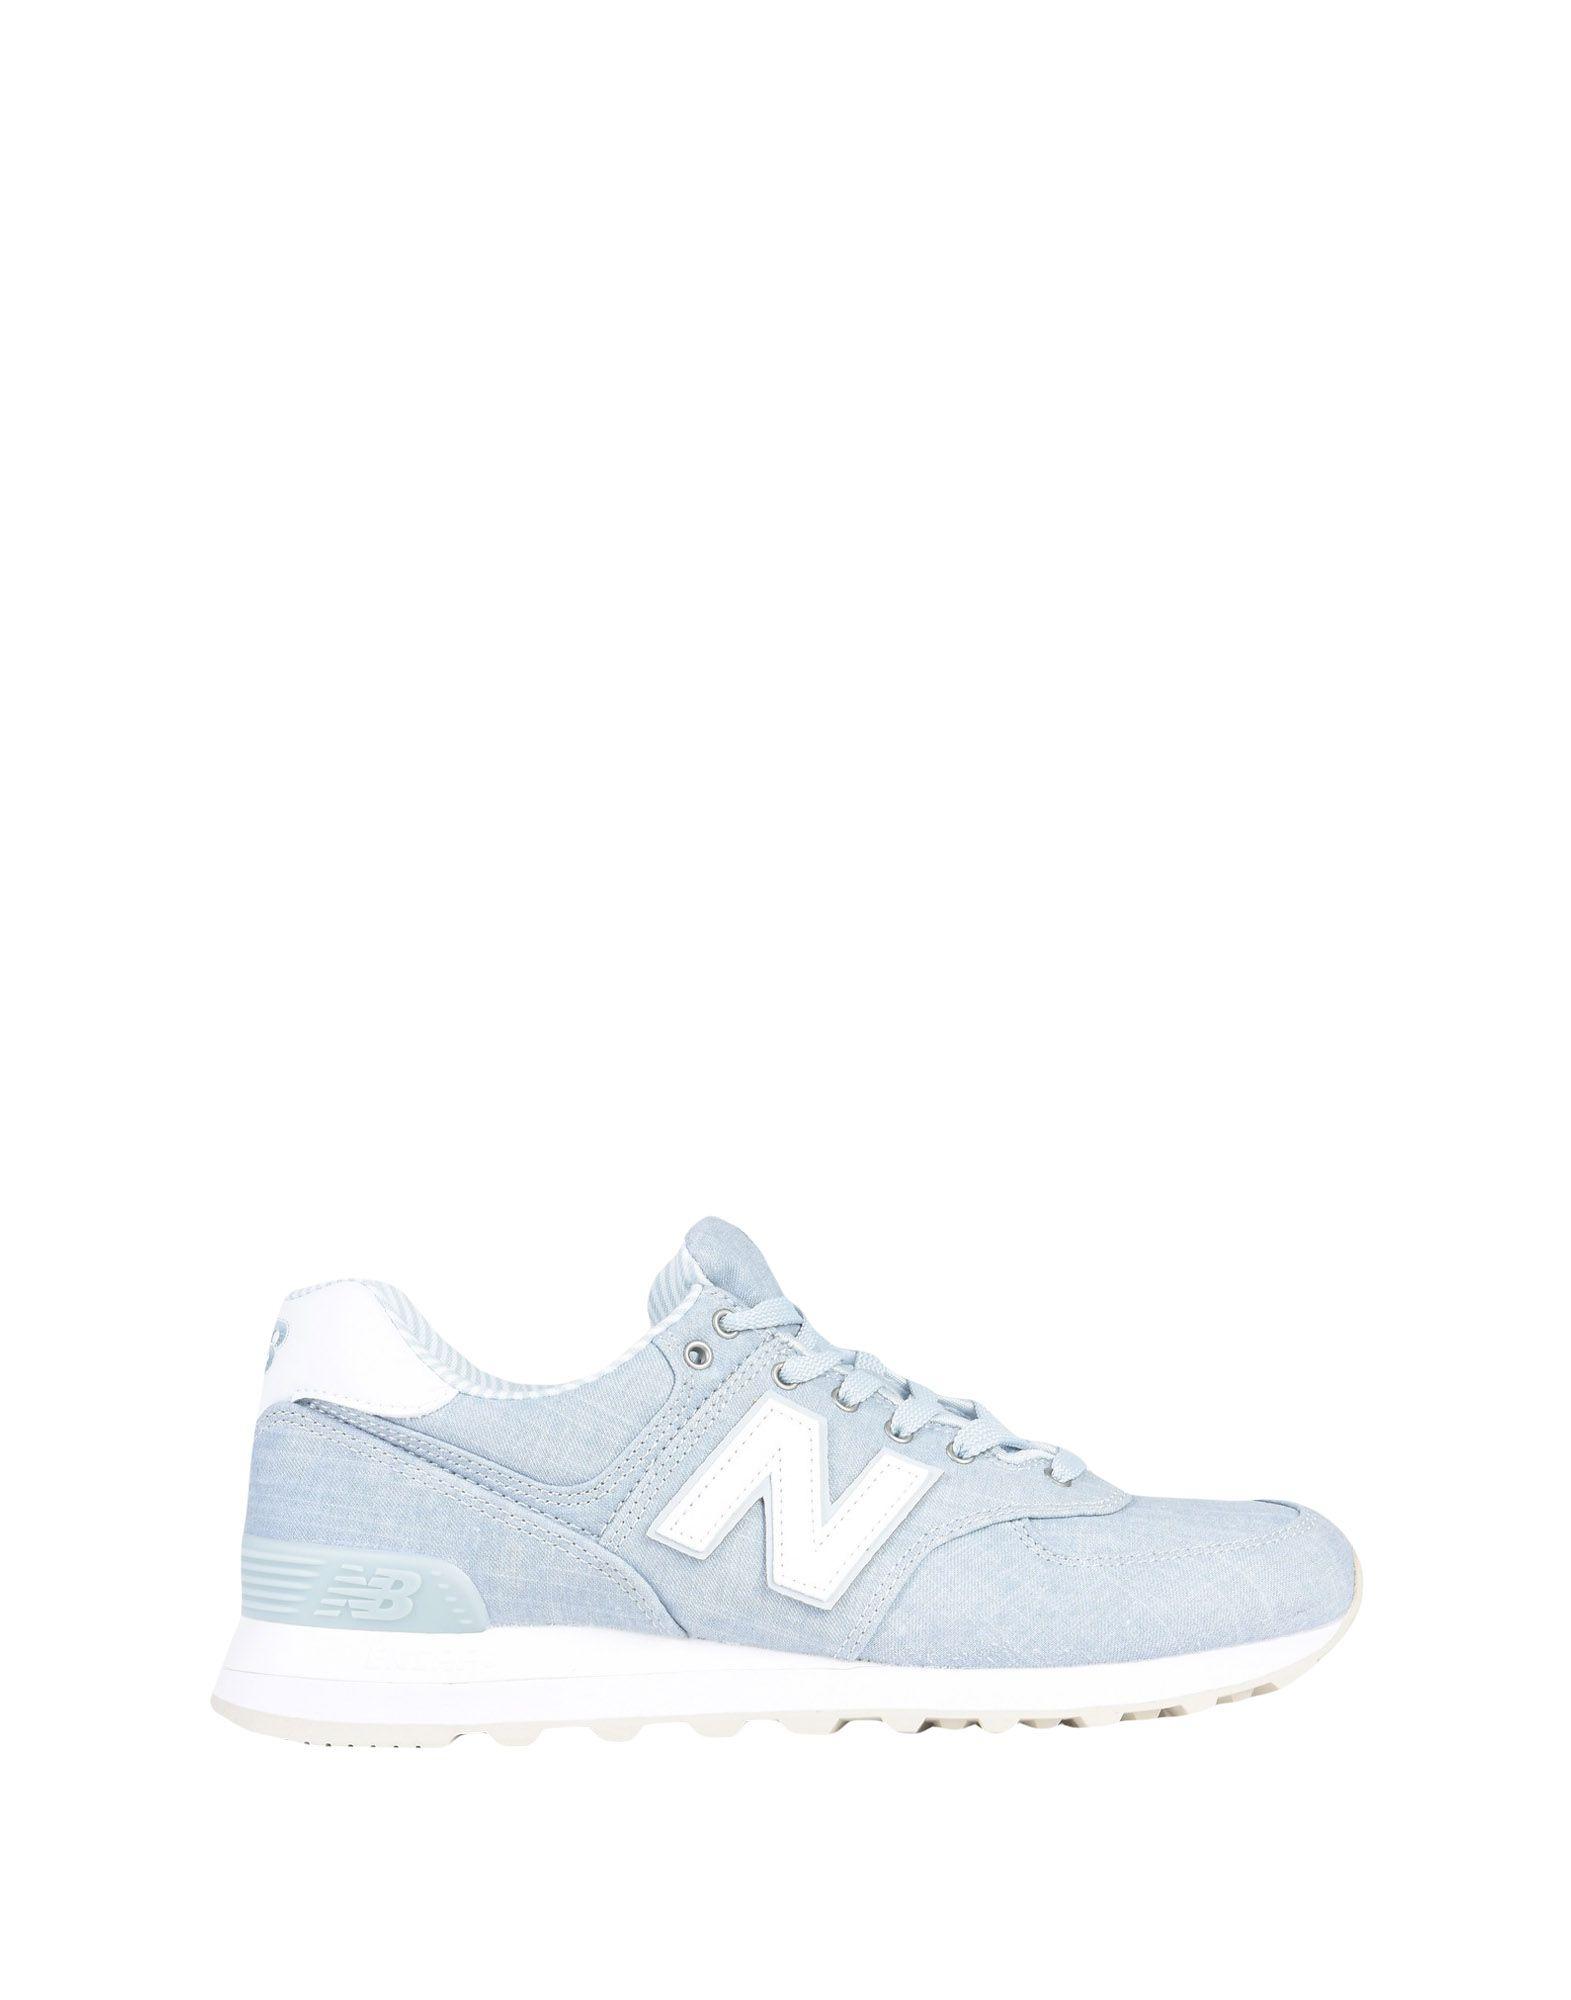 New 11489437CS Balance 574 Beach Chambray  11489437CS New Gute Qualität beliebte Schuhe 02413a